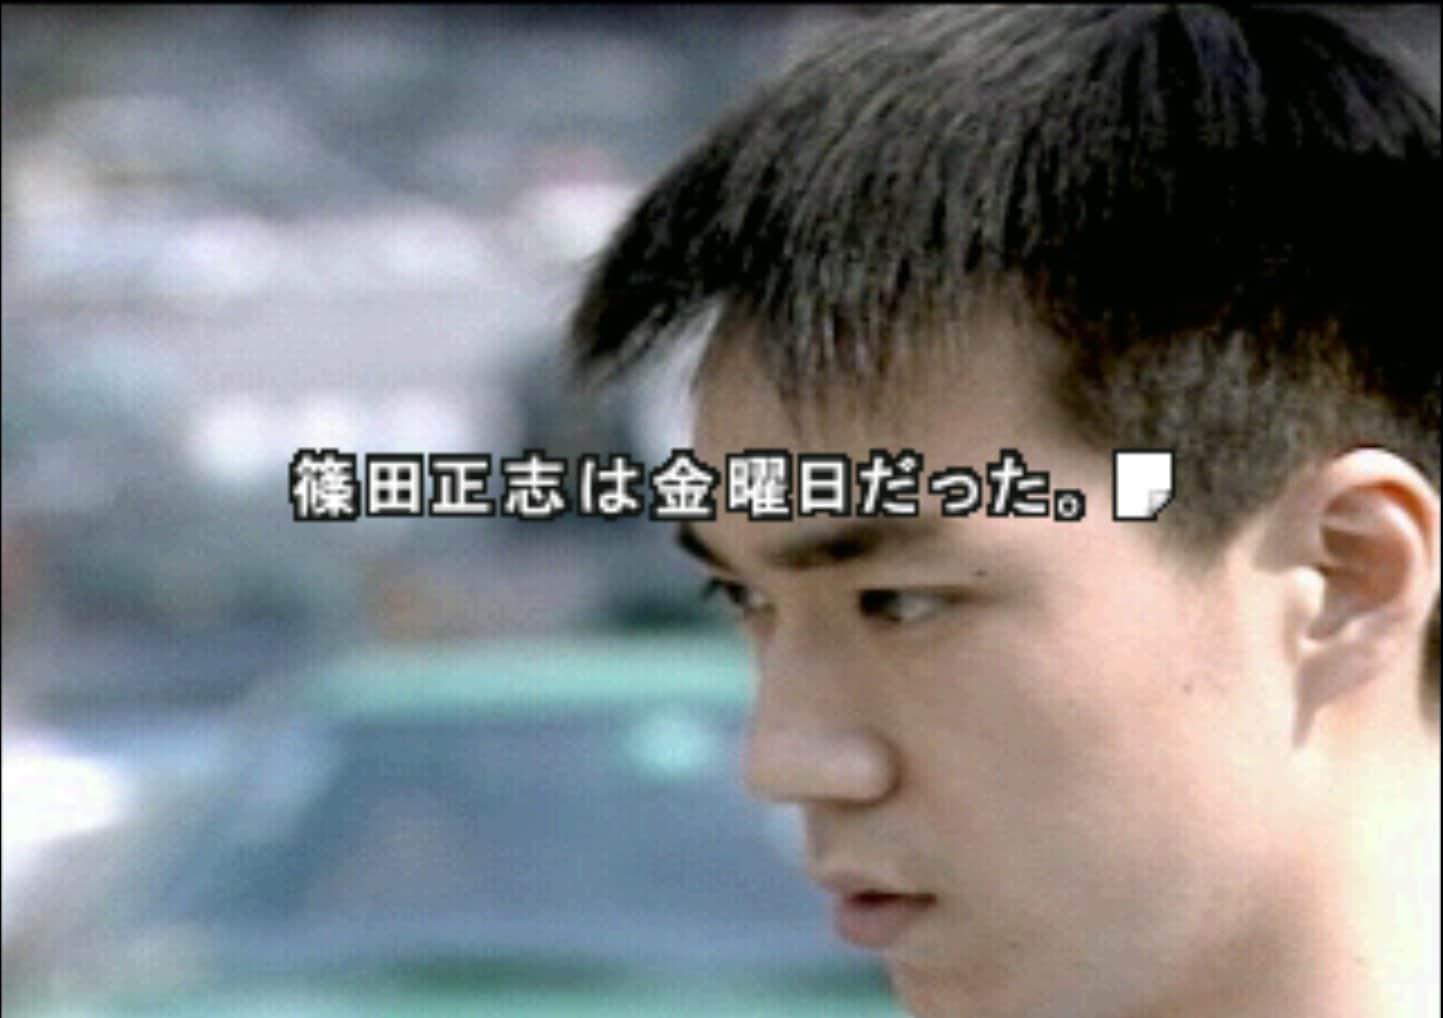 無名時代の窪塚洋介さんも出演、伝説の実写ゲーム『街』の圧倒的見せ方【ヤマグチクエスト・コラム】の画像011